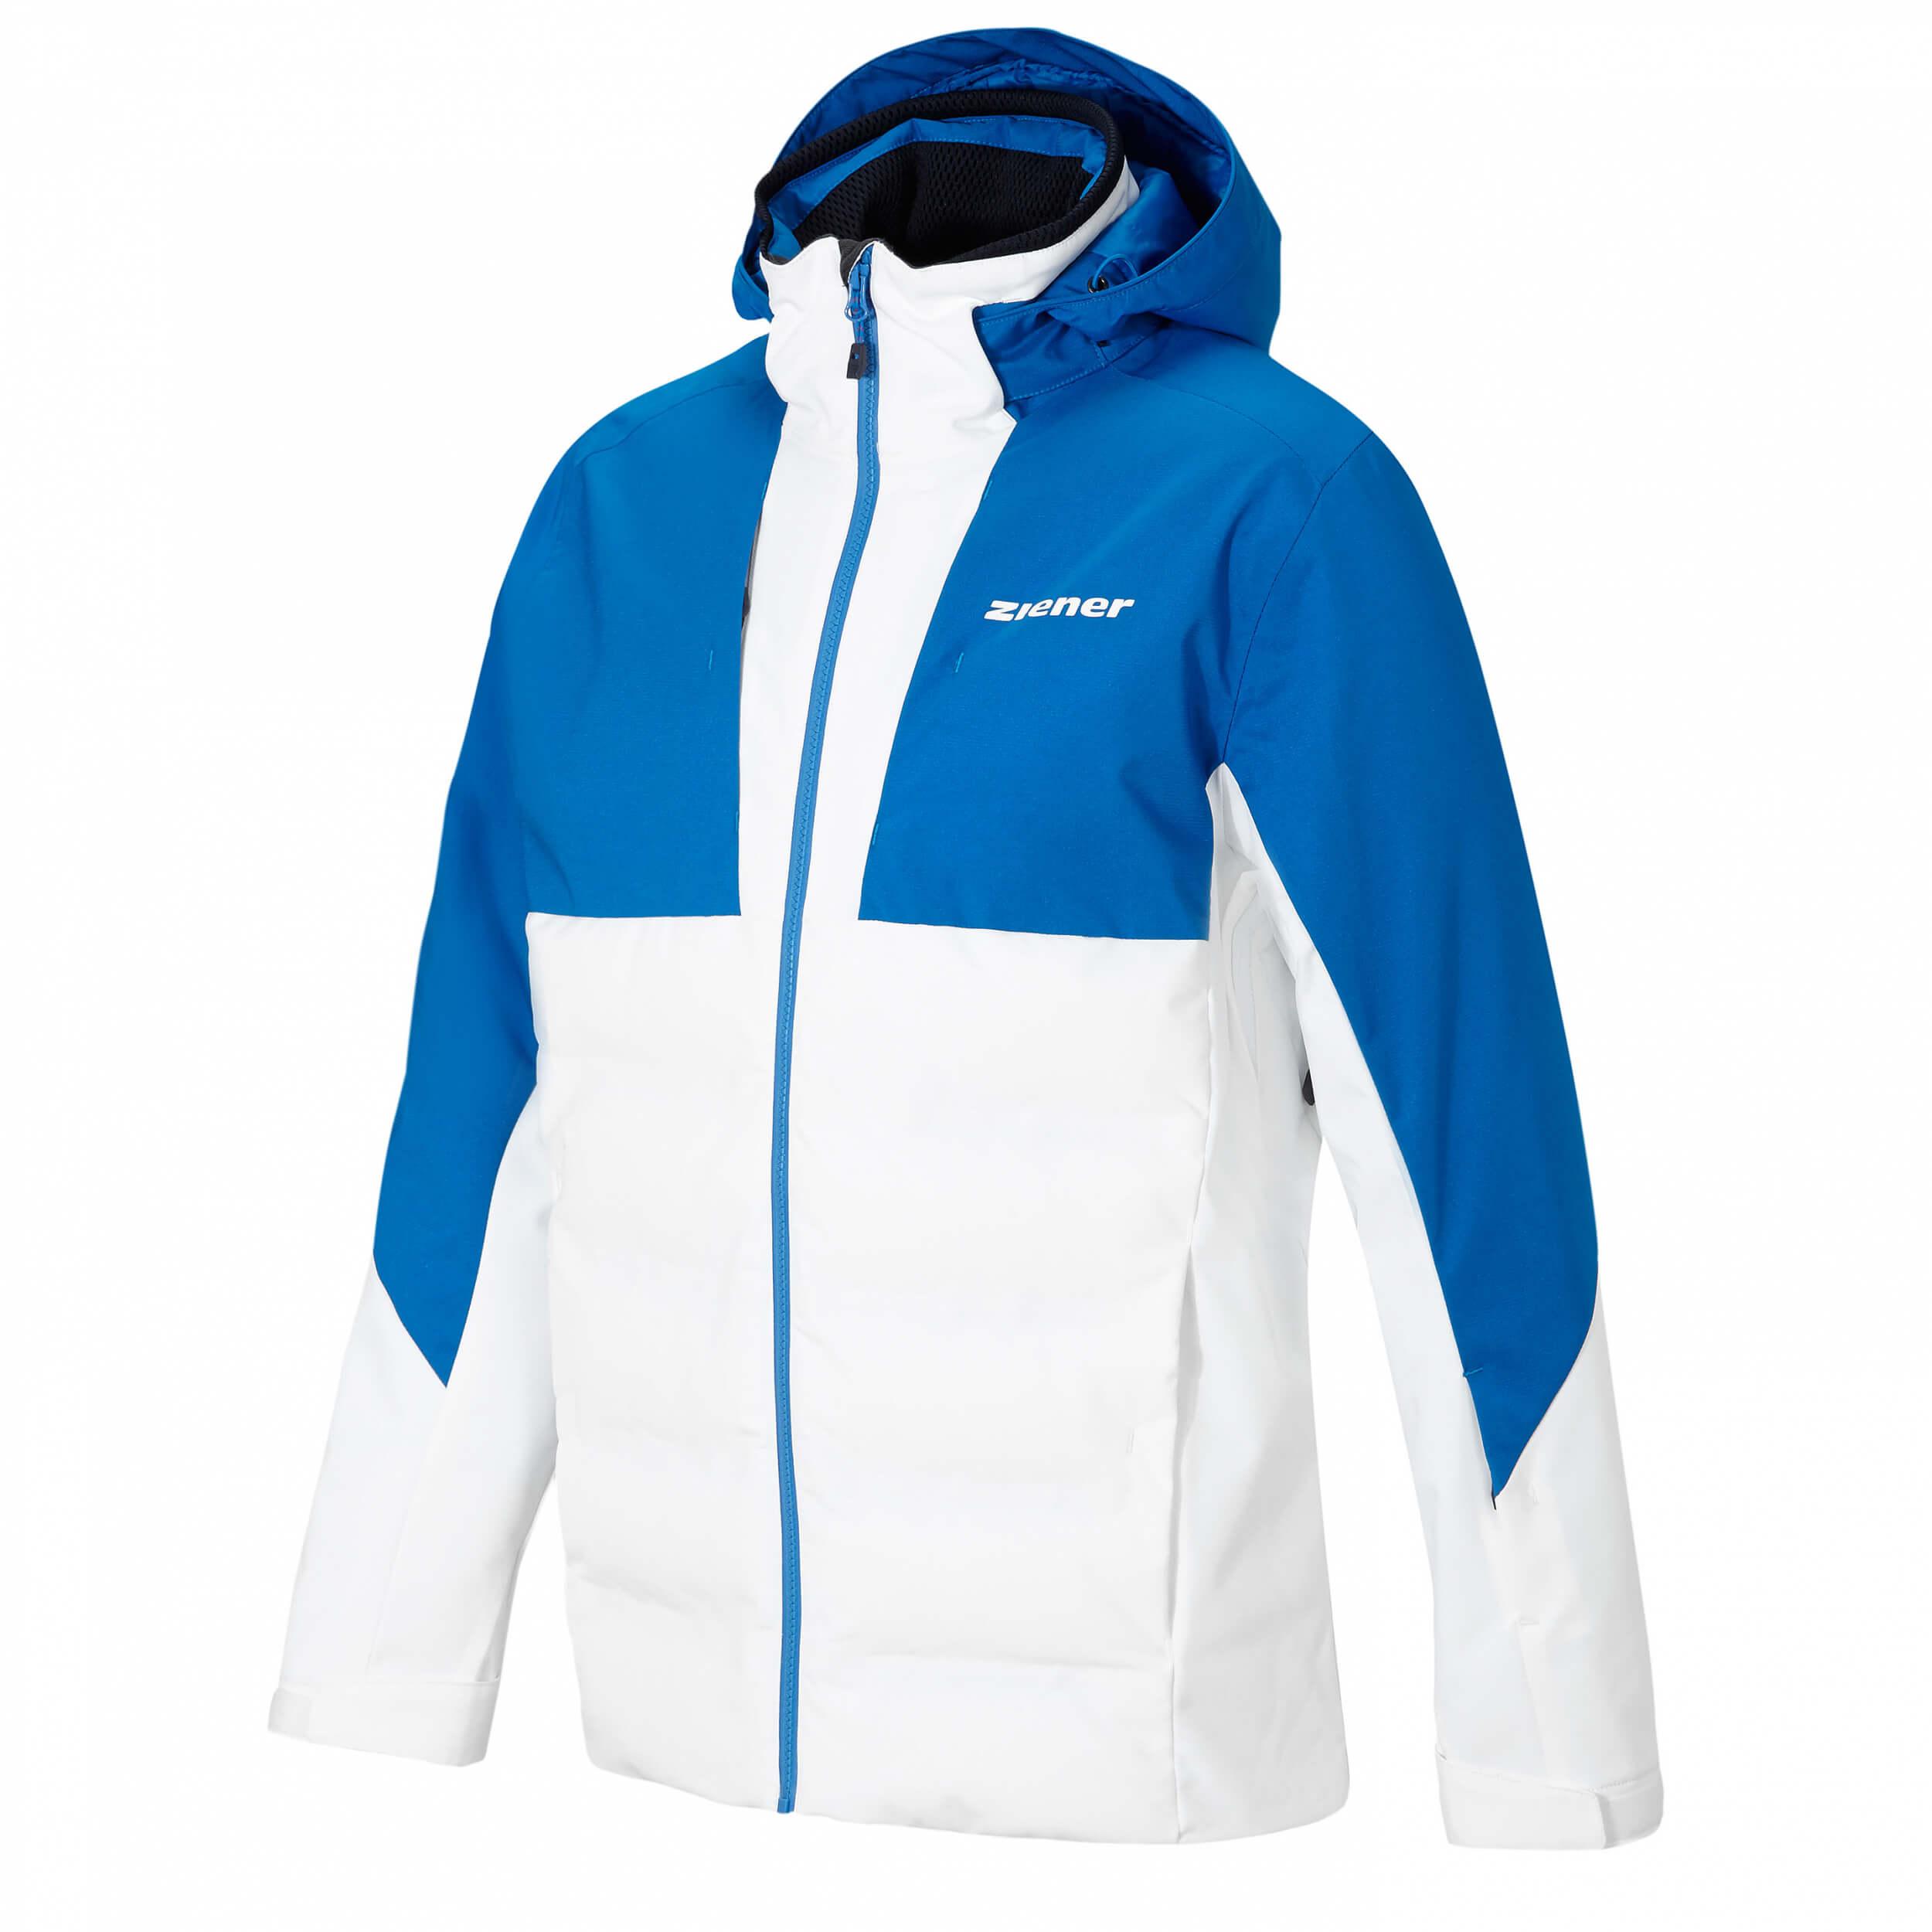 ZIENER Herren AQUA SHIELD Skijacke Tamar weiß blau 01